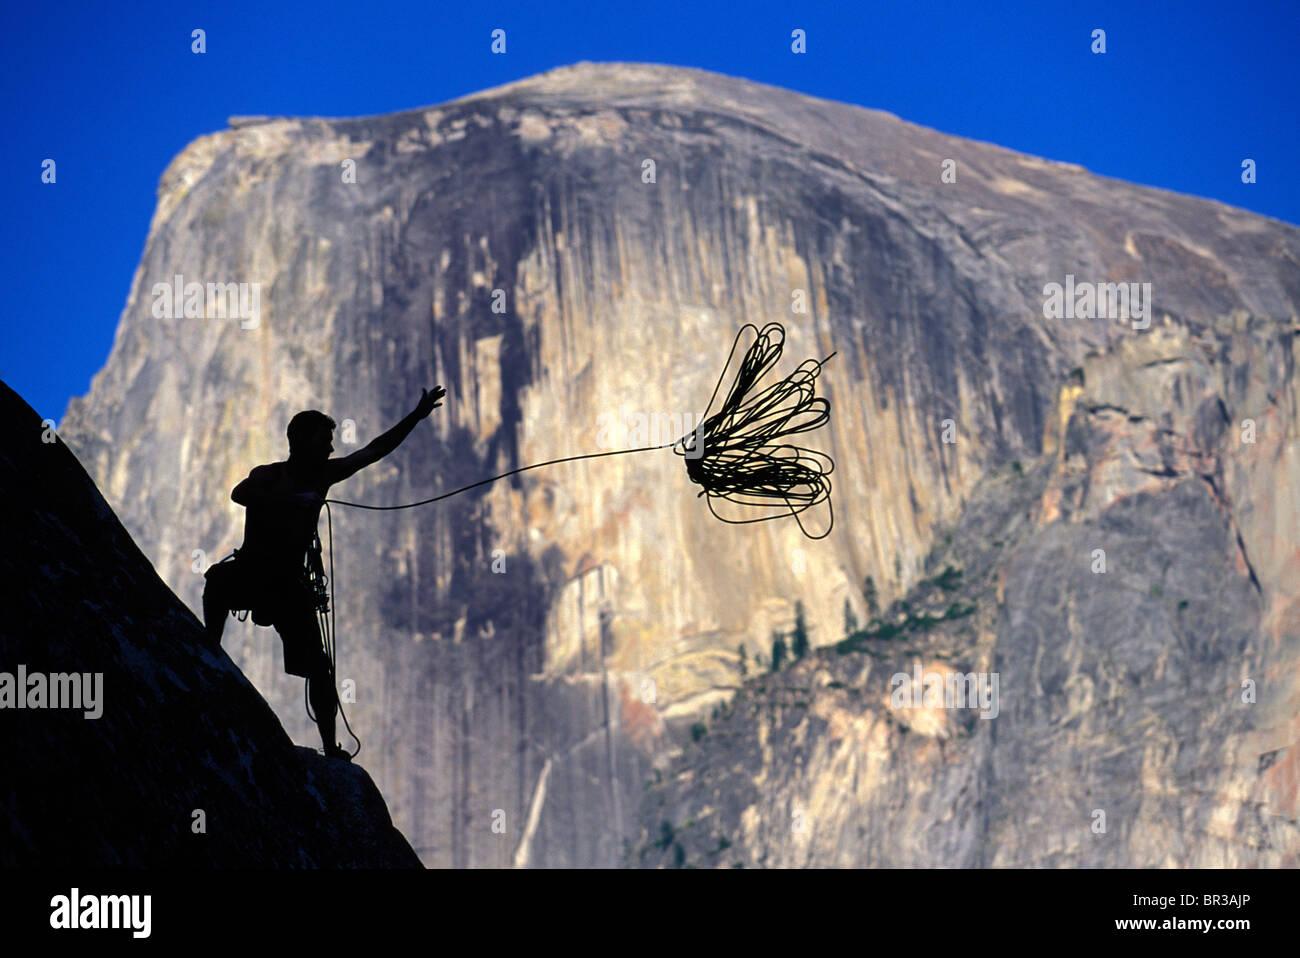 Silhouette gegen eine Granit-Kuppel eines Kletterers ein Seil von einer Klippe zu werfen. Stockbild